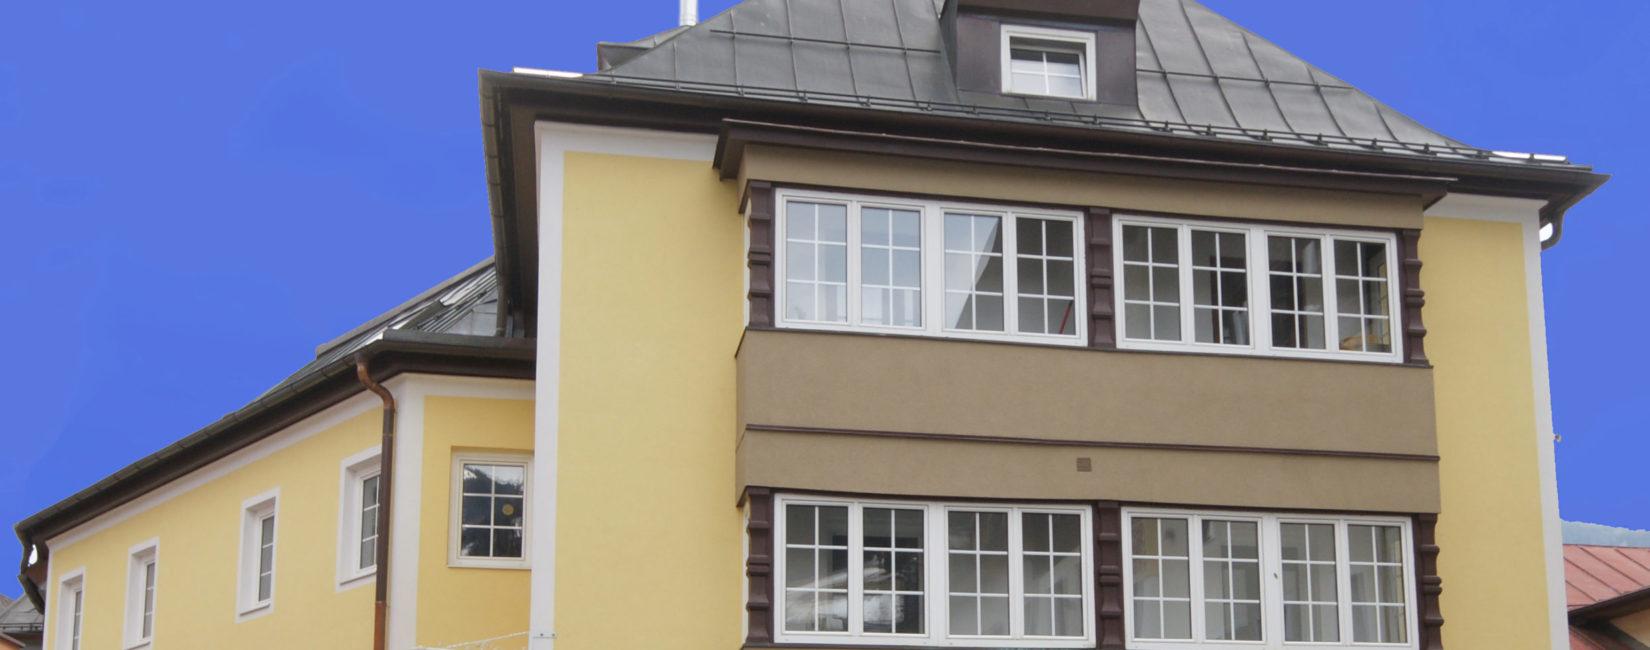 --- Schlossplatz Appartements ---